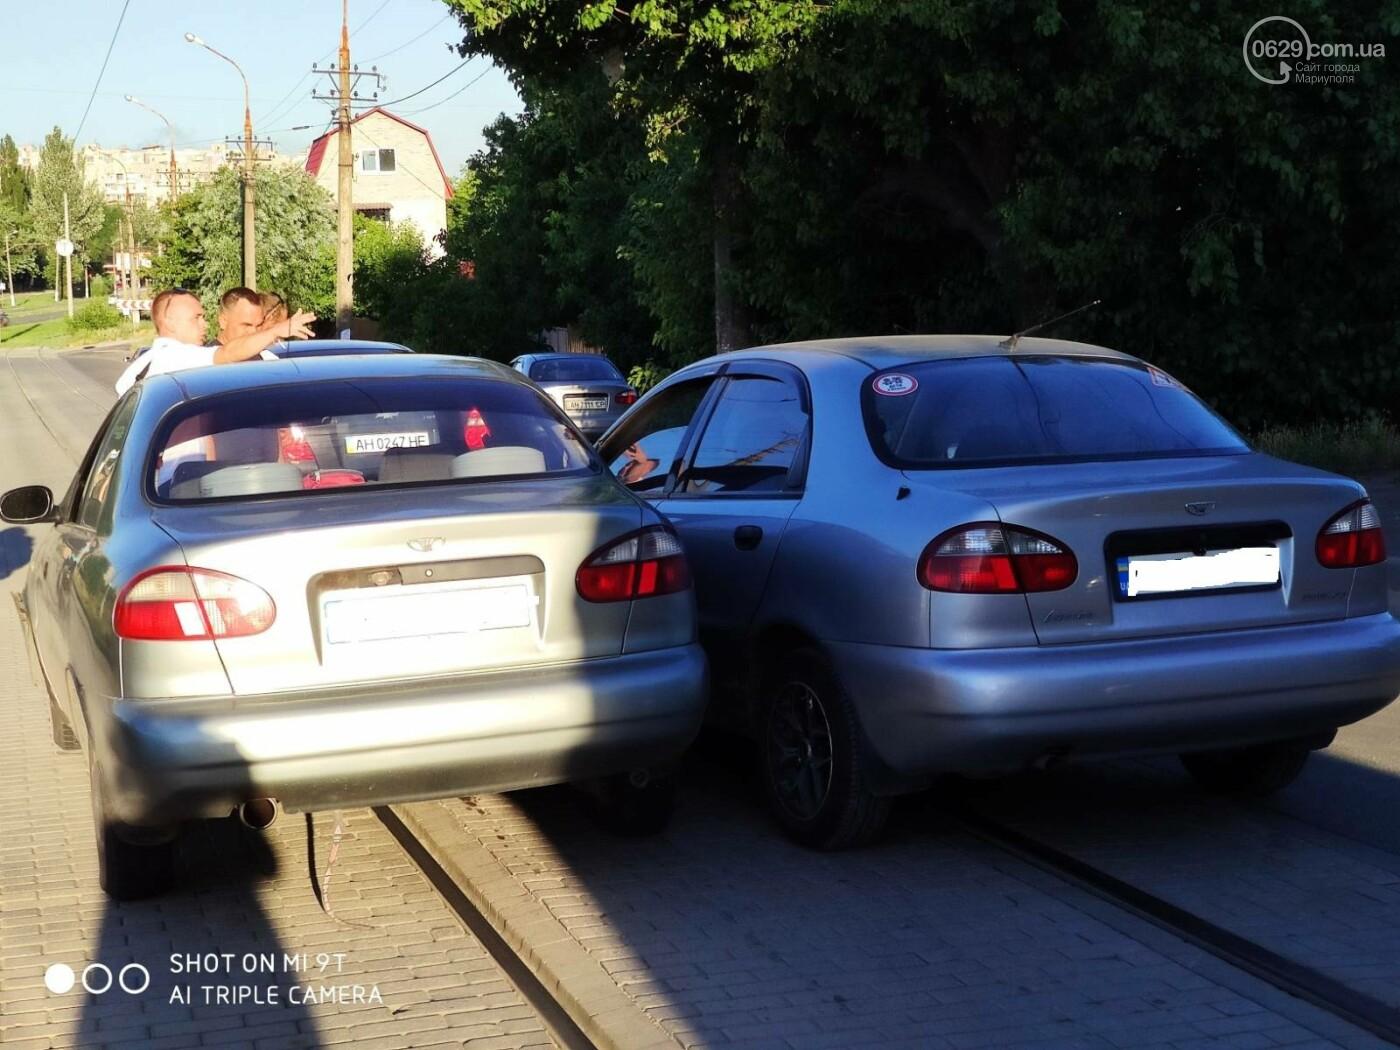 В Мариуполе два Daewoo столкнулись на трамвайных рельсах, - ФОТО, фото-1